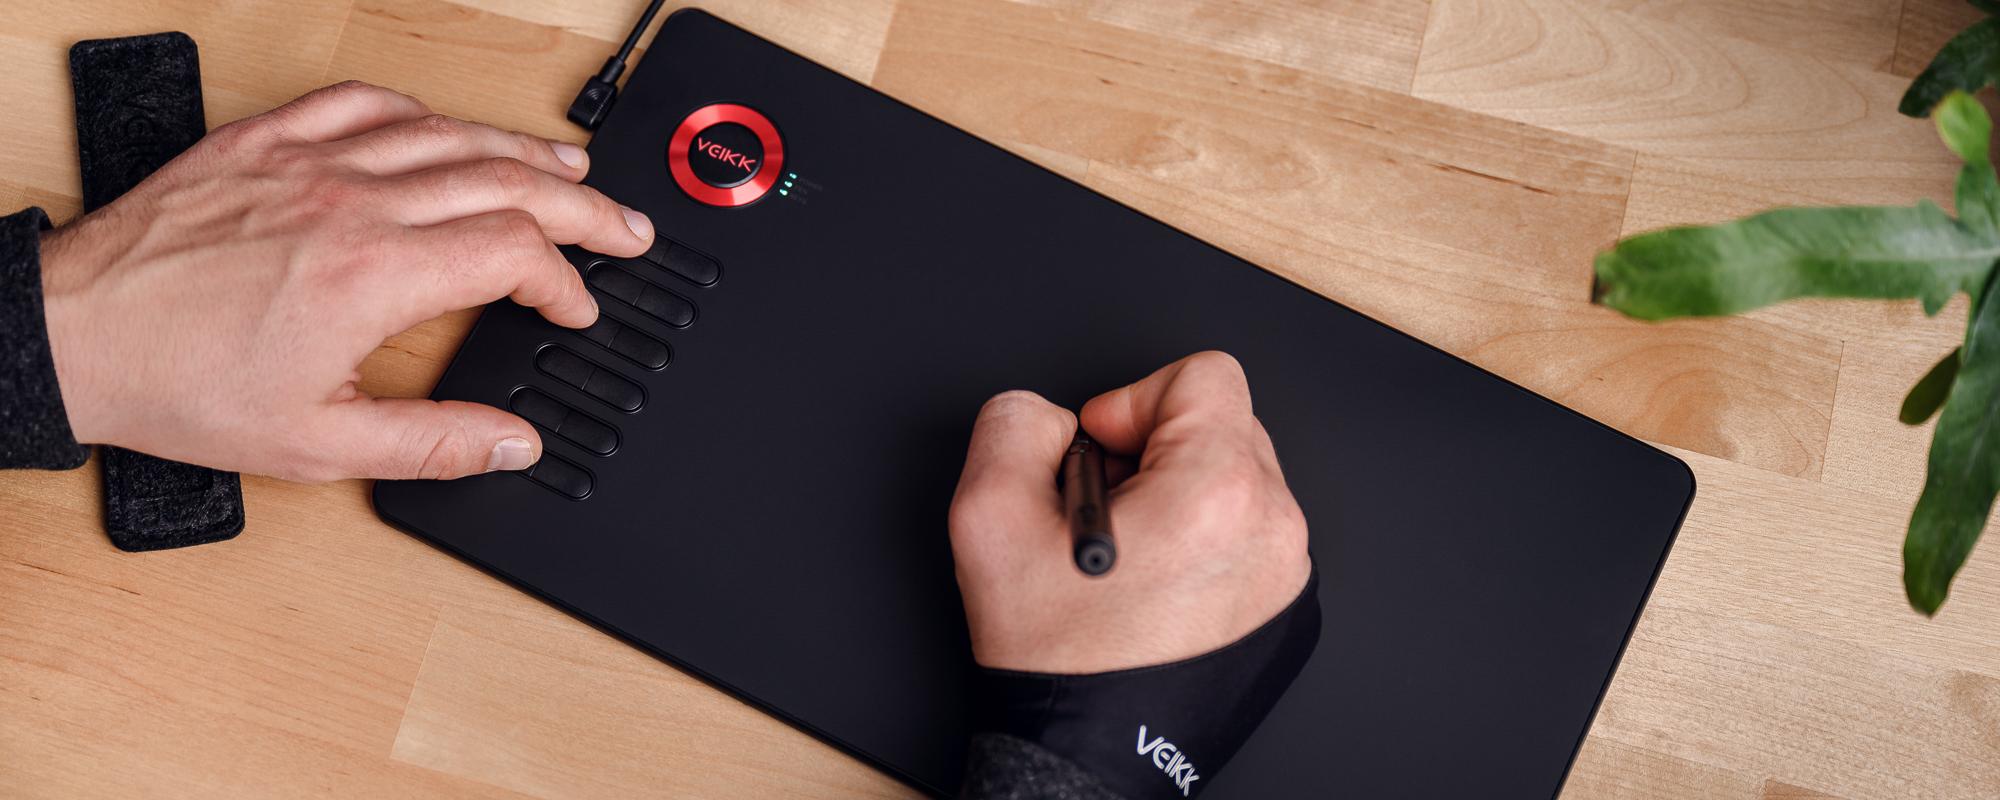 Zdjęcie - tablet graficzny Veikk A15 na jasnobrązowym biurku, lewa dłoń mężczyzny naciska klawisz funkcyjny, prawa obsługuje piórko